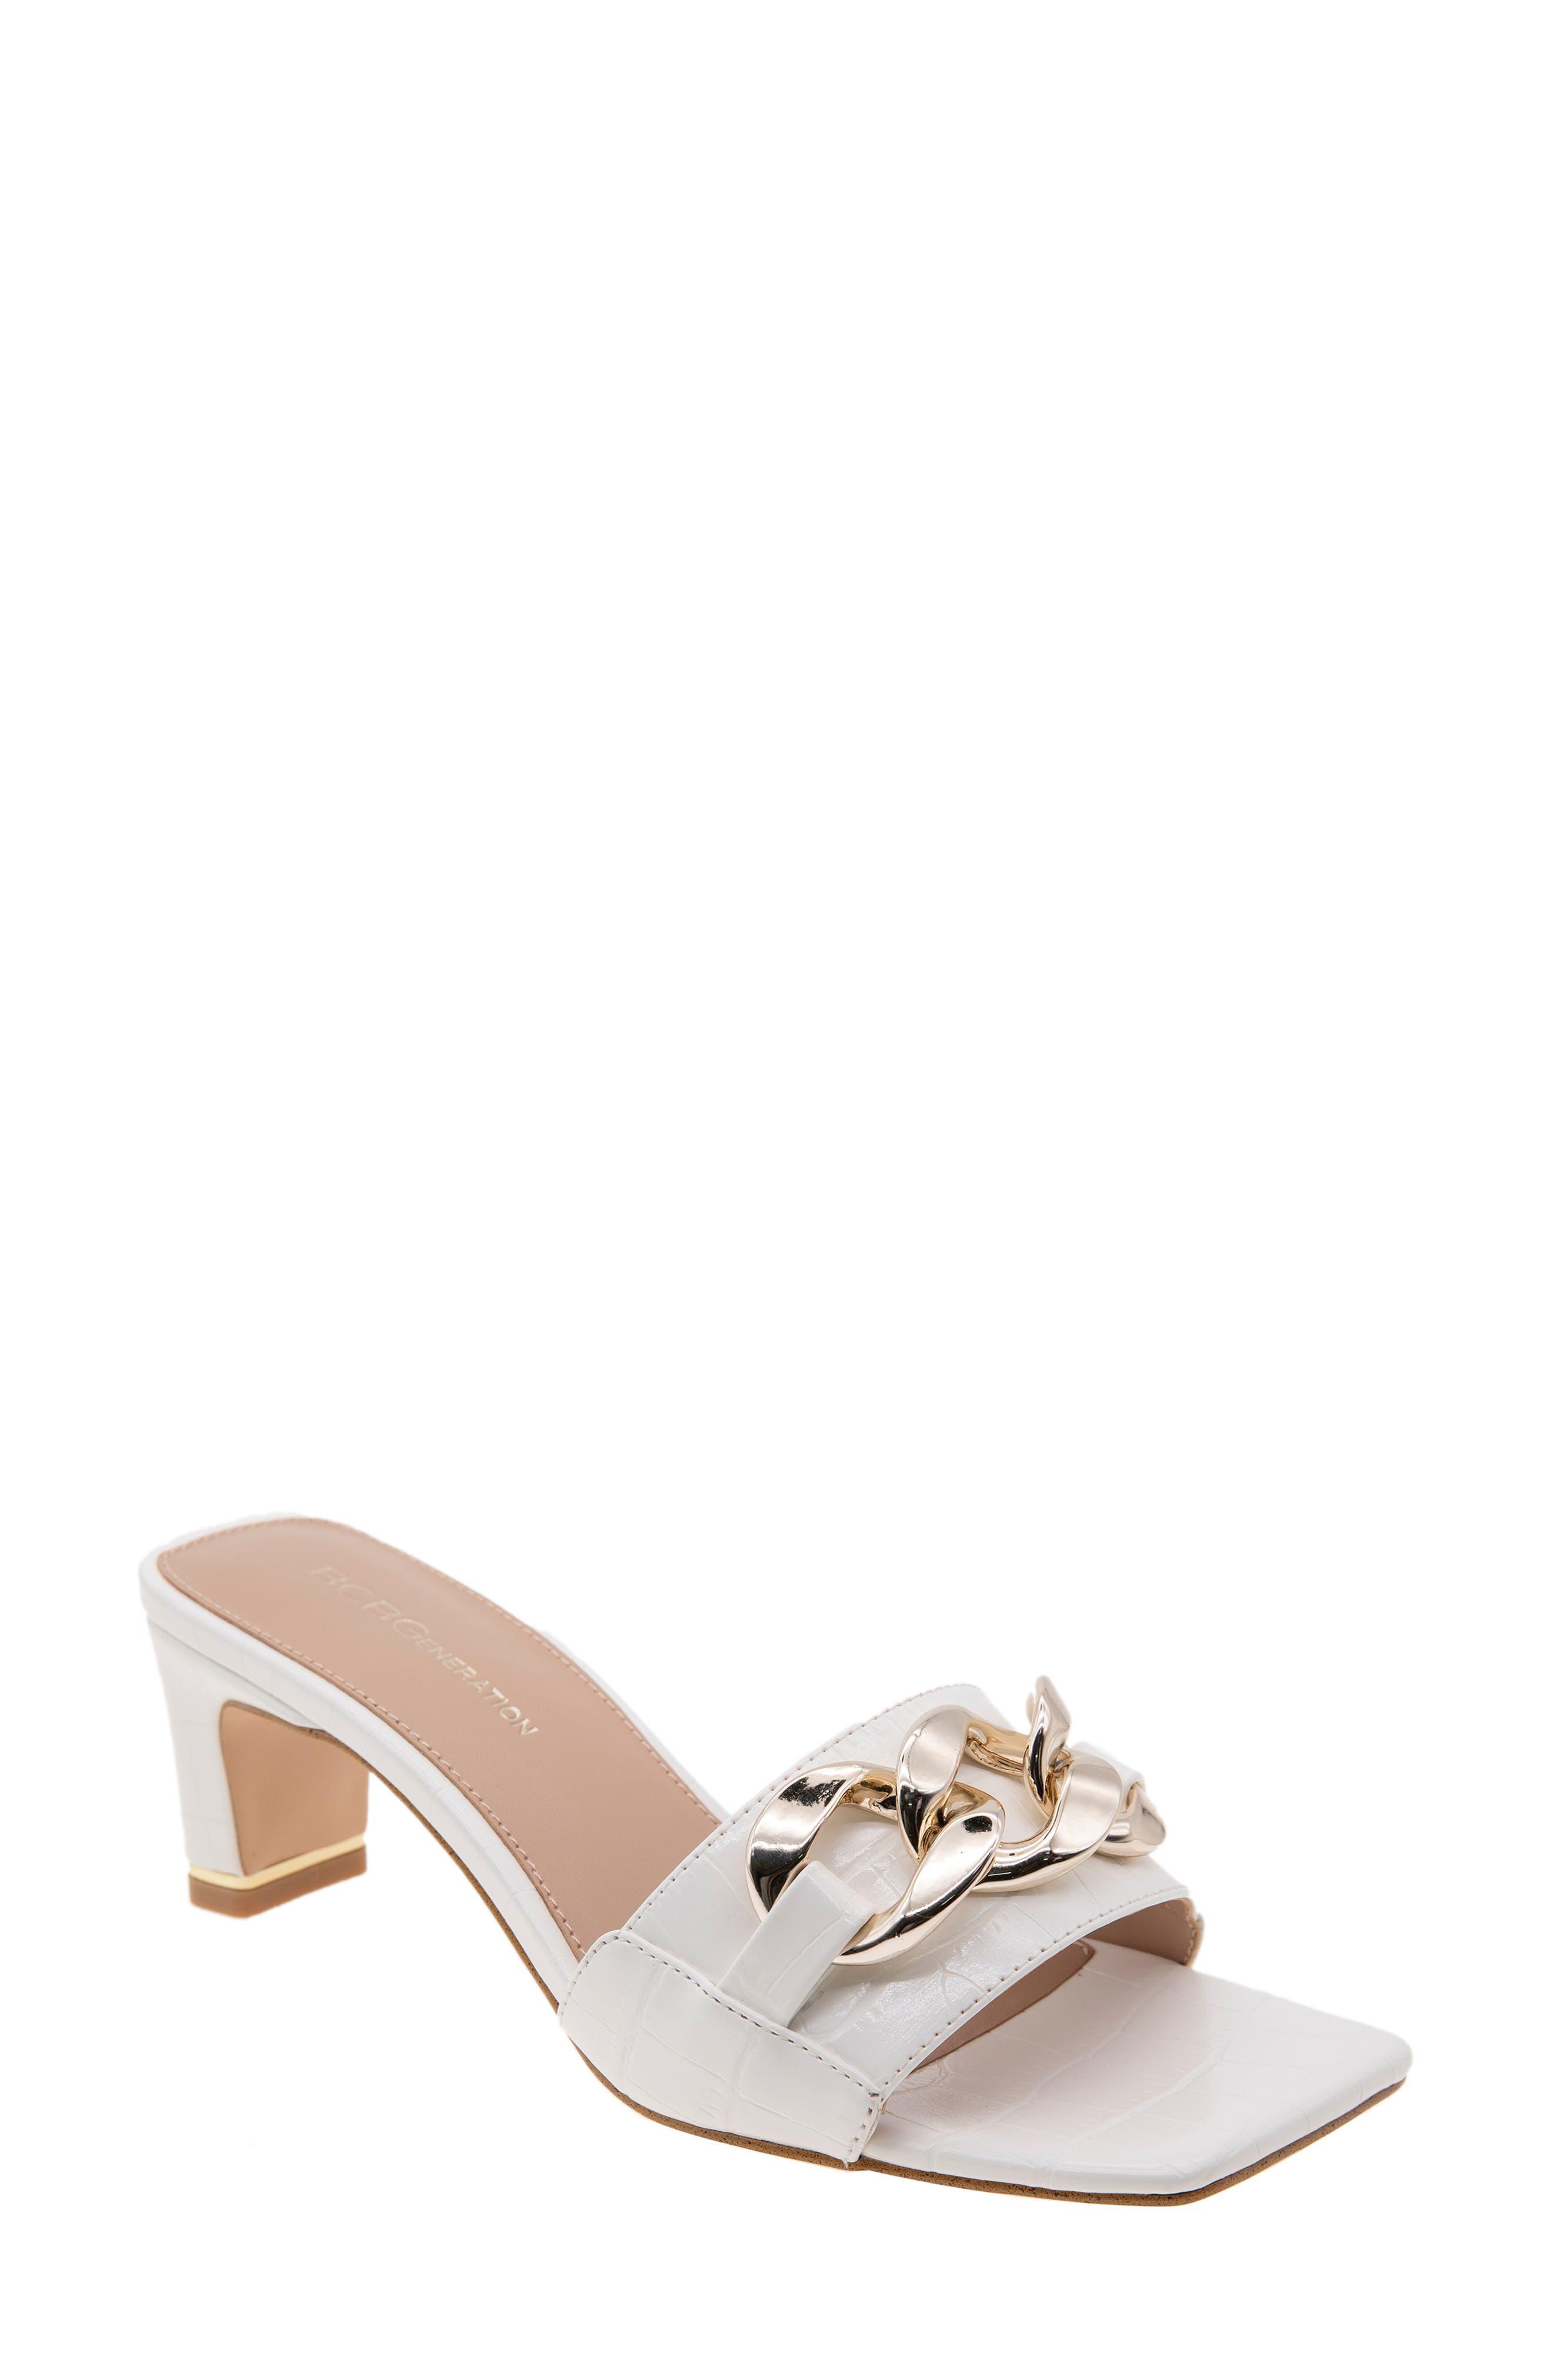 Koola Slide Sandal